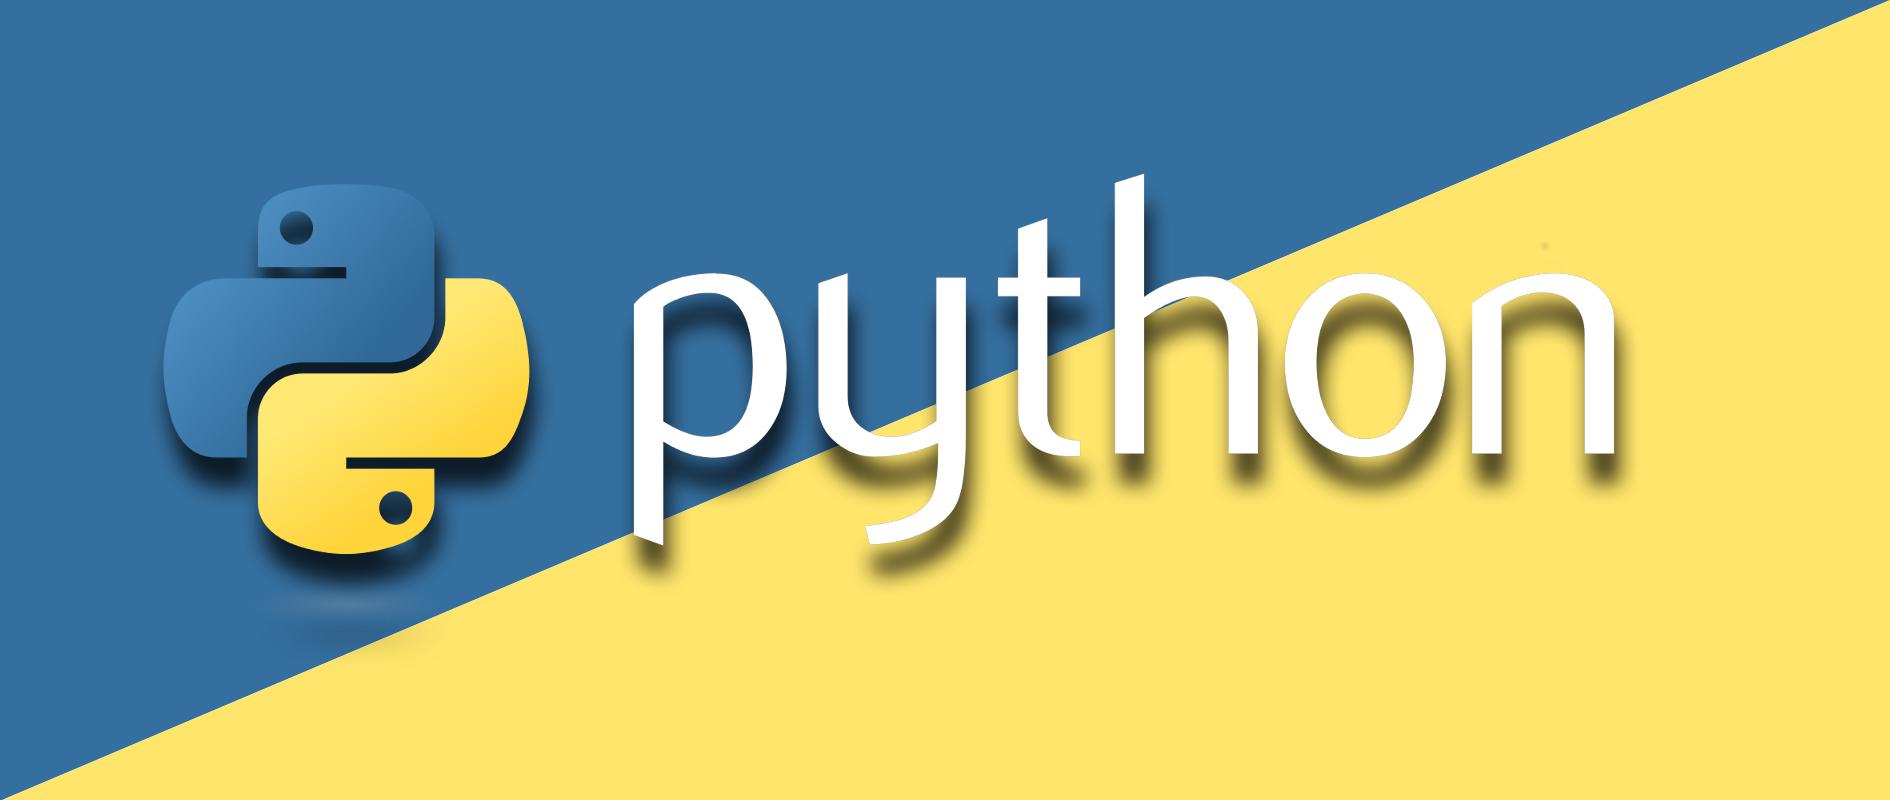 小白學 Python 爬蟲(4):前置準備(三)Docker基礎入門